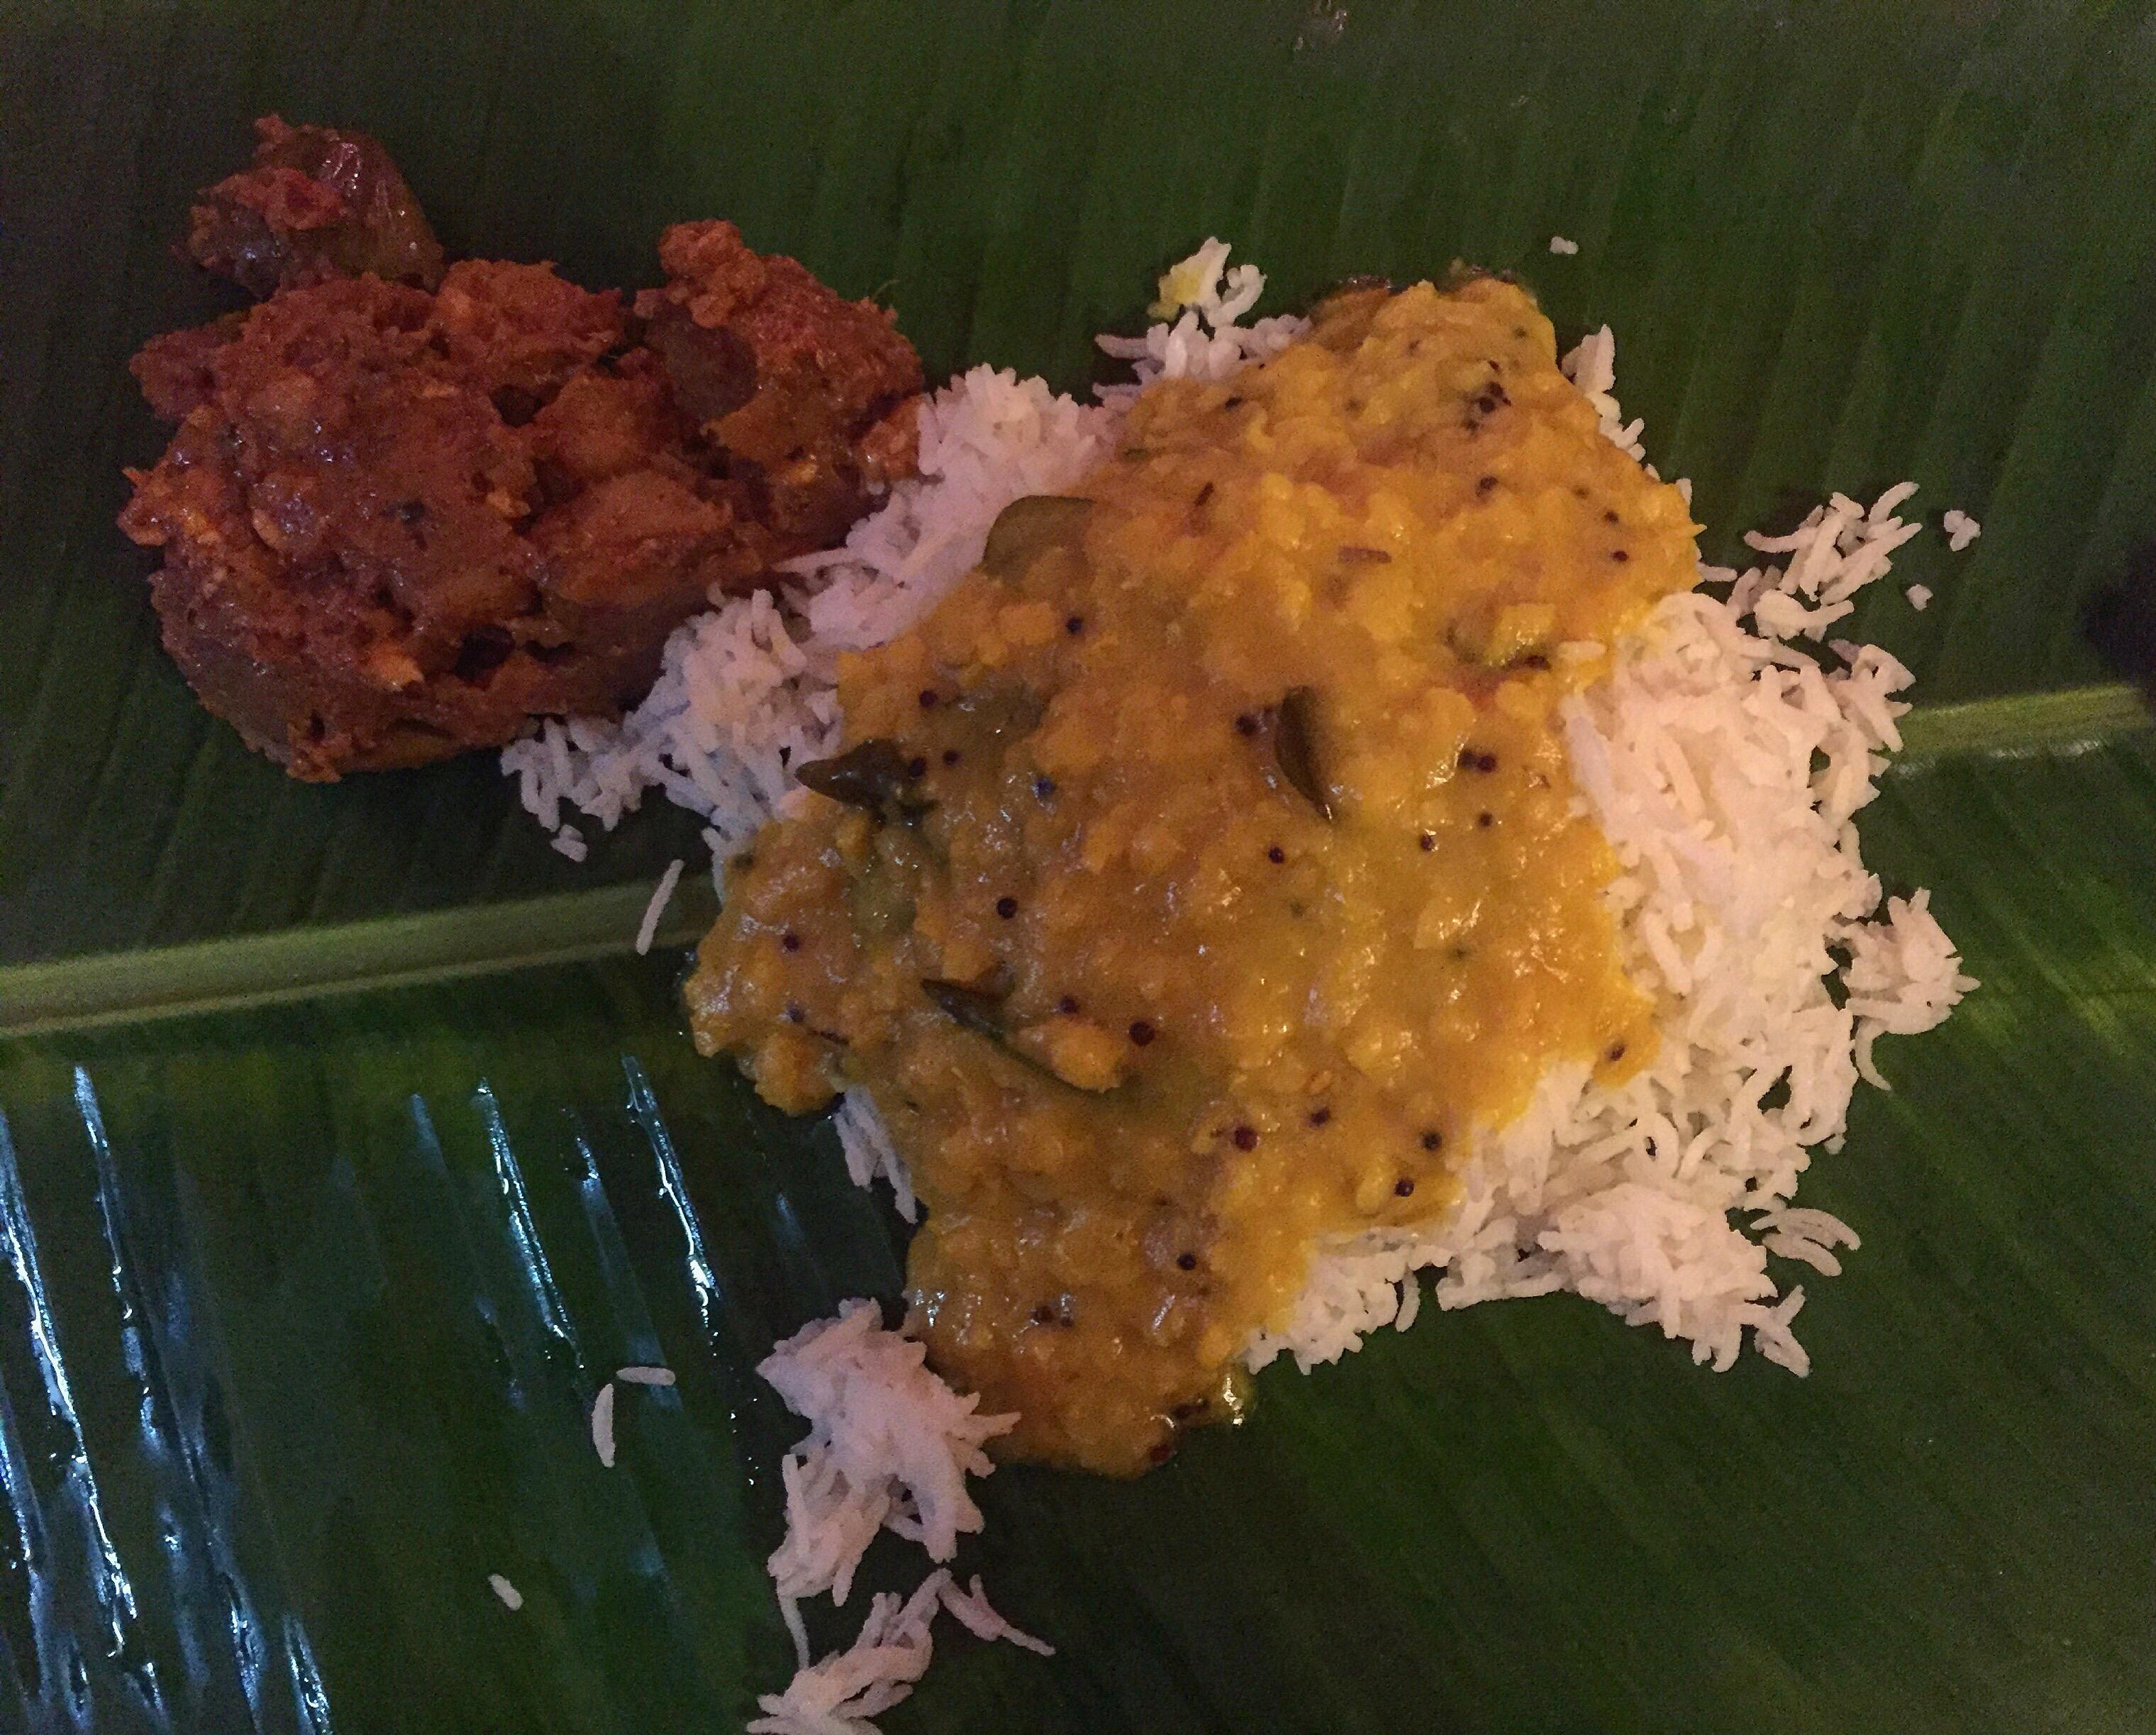 Puja food